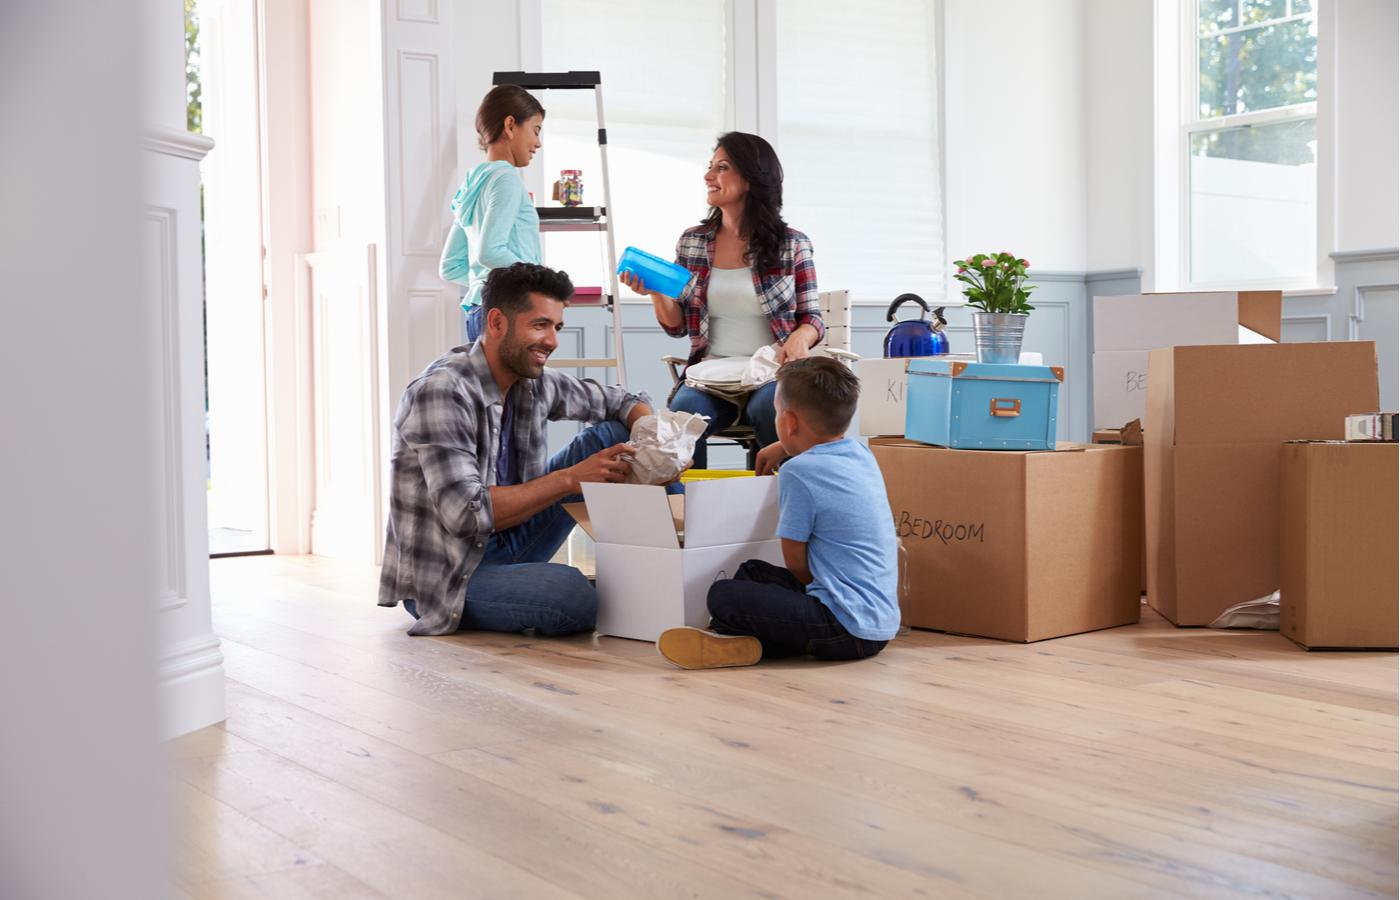 Comprar casa: todo lo que debes saber antes de decidir